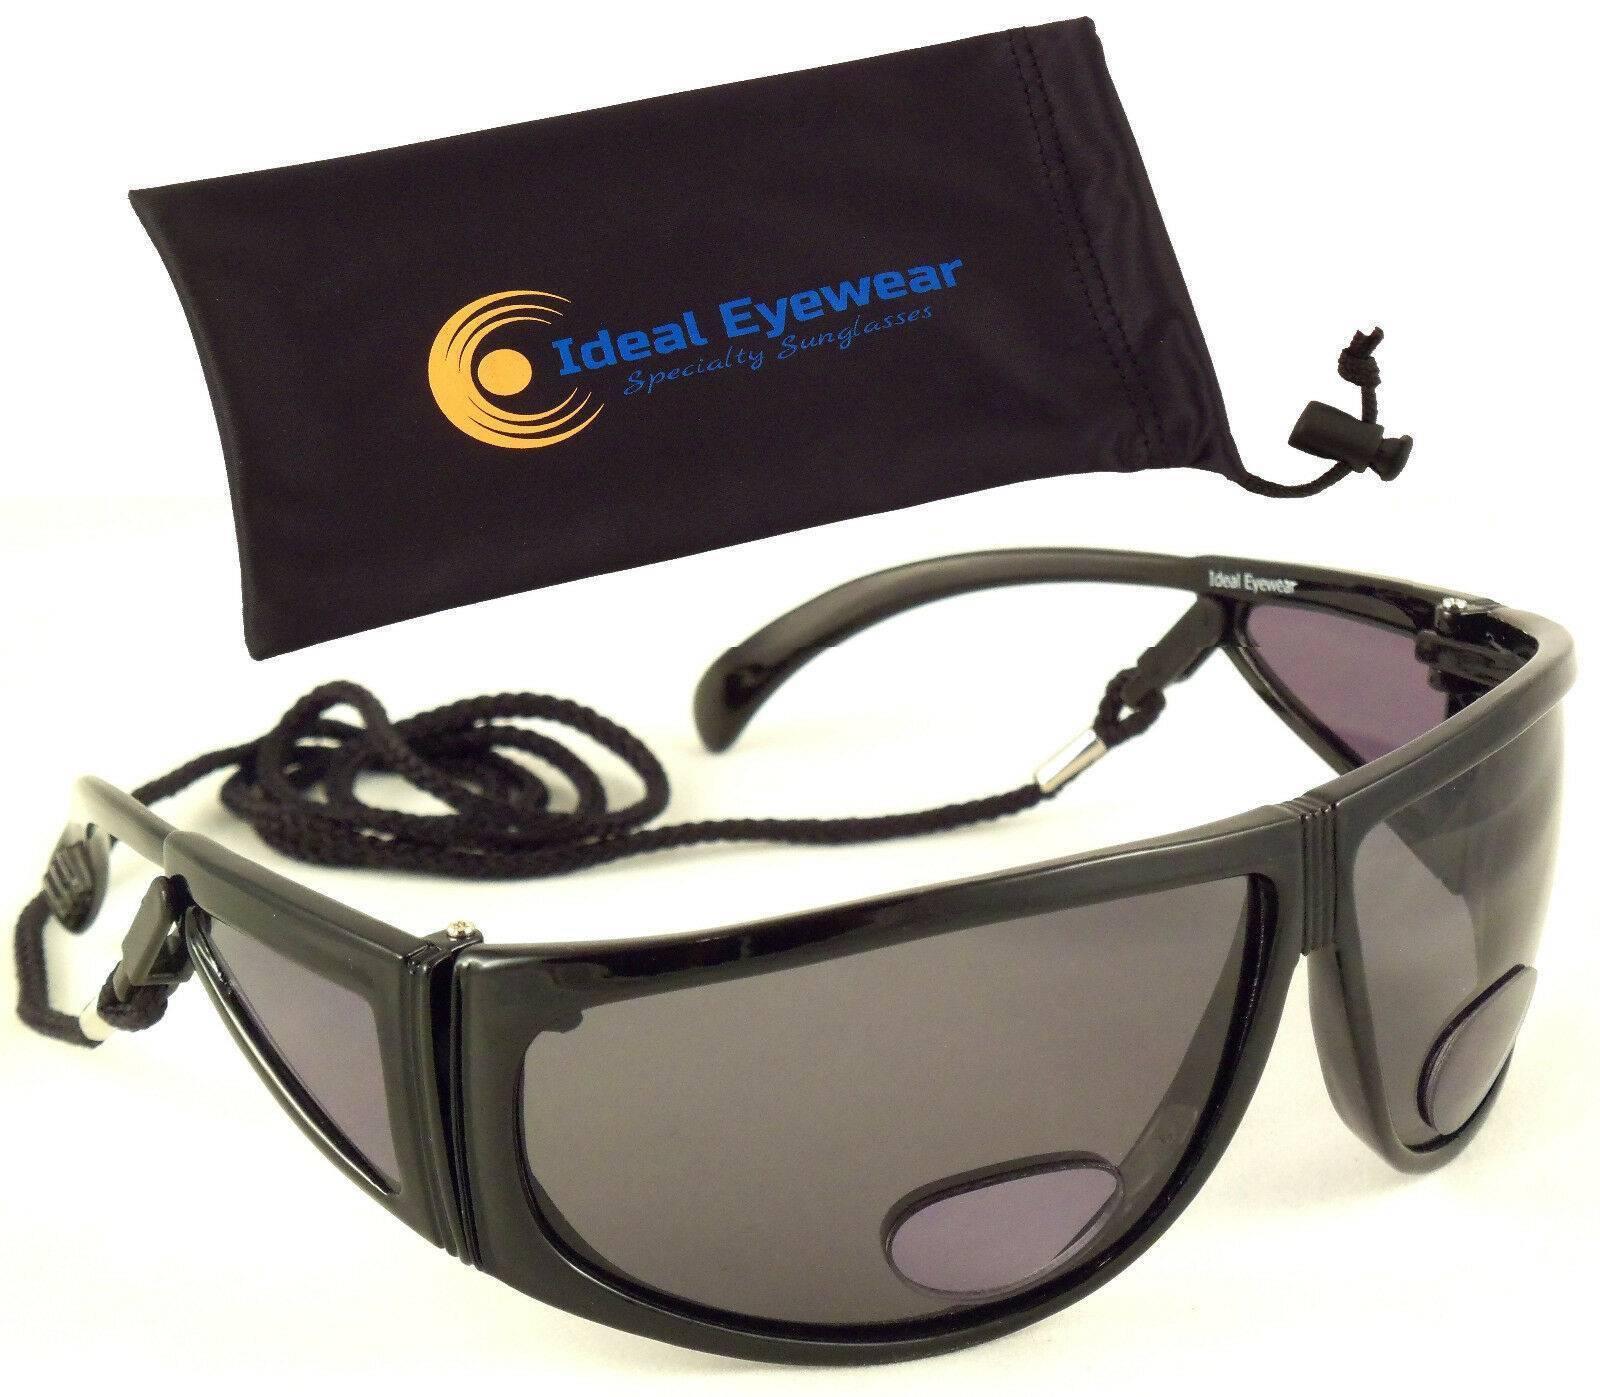 Поляризационные очки для рыбалки: как выбрать антибликовые очки? рейтинг моделей от shimano и других брендов. какой цвет лучше? накладки для рыбацких очков. обзор отзывов